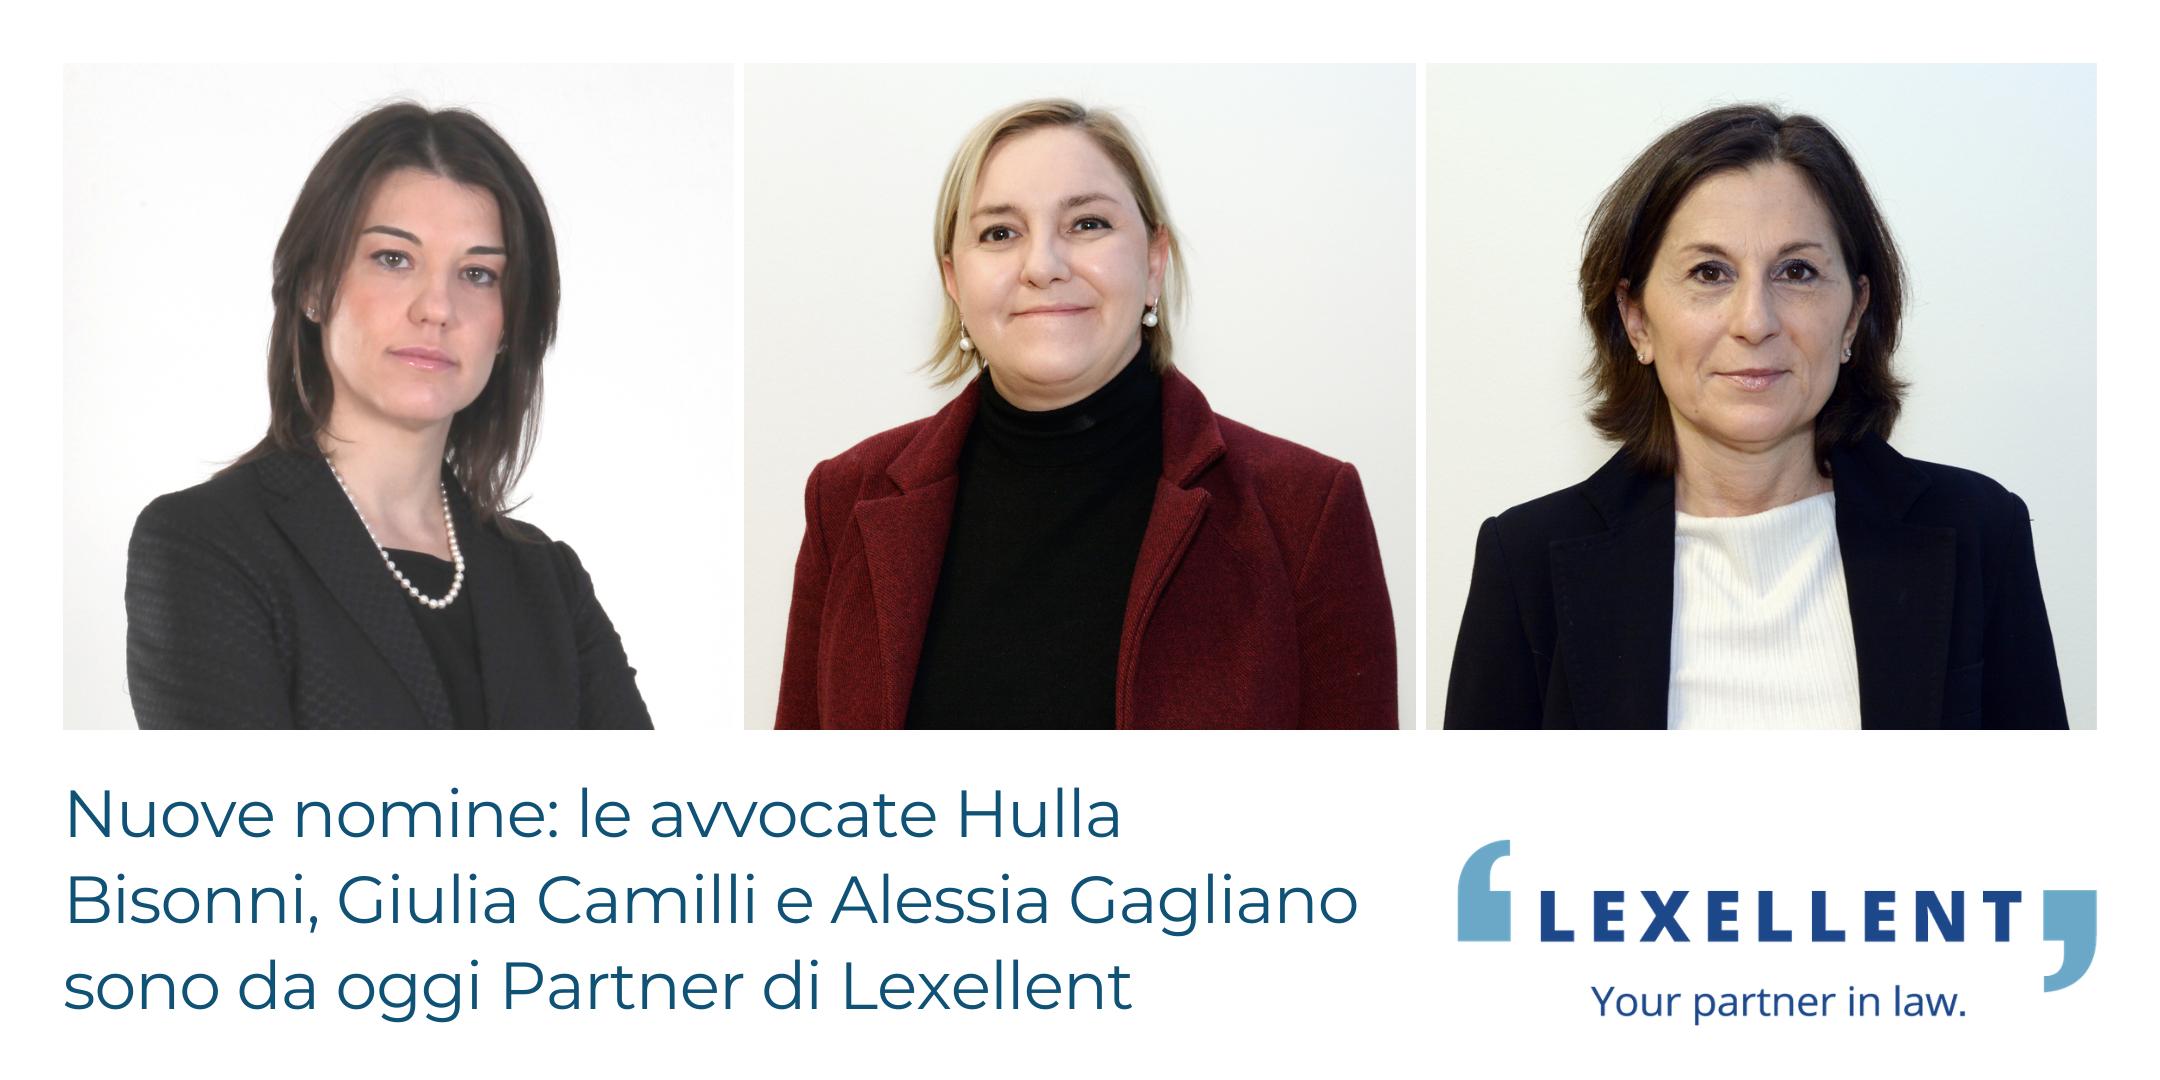 Nuove nomine: le avvocate Bisonni, Camilli e Gagliano sono da oggi Partner Lexellent